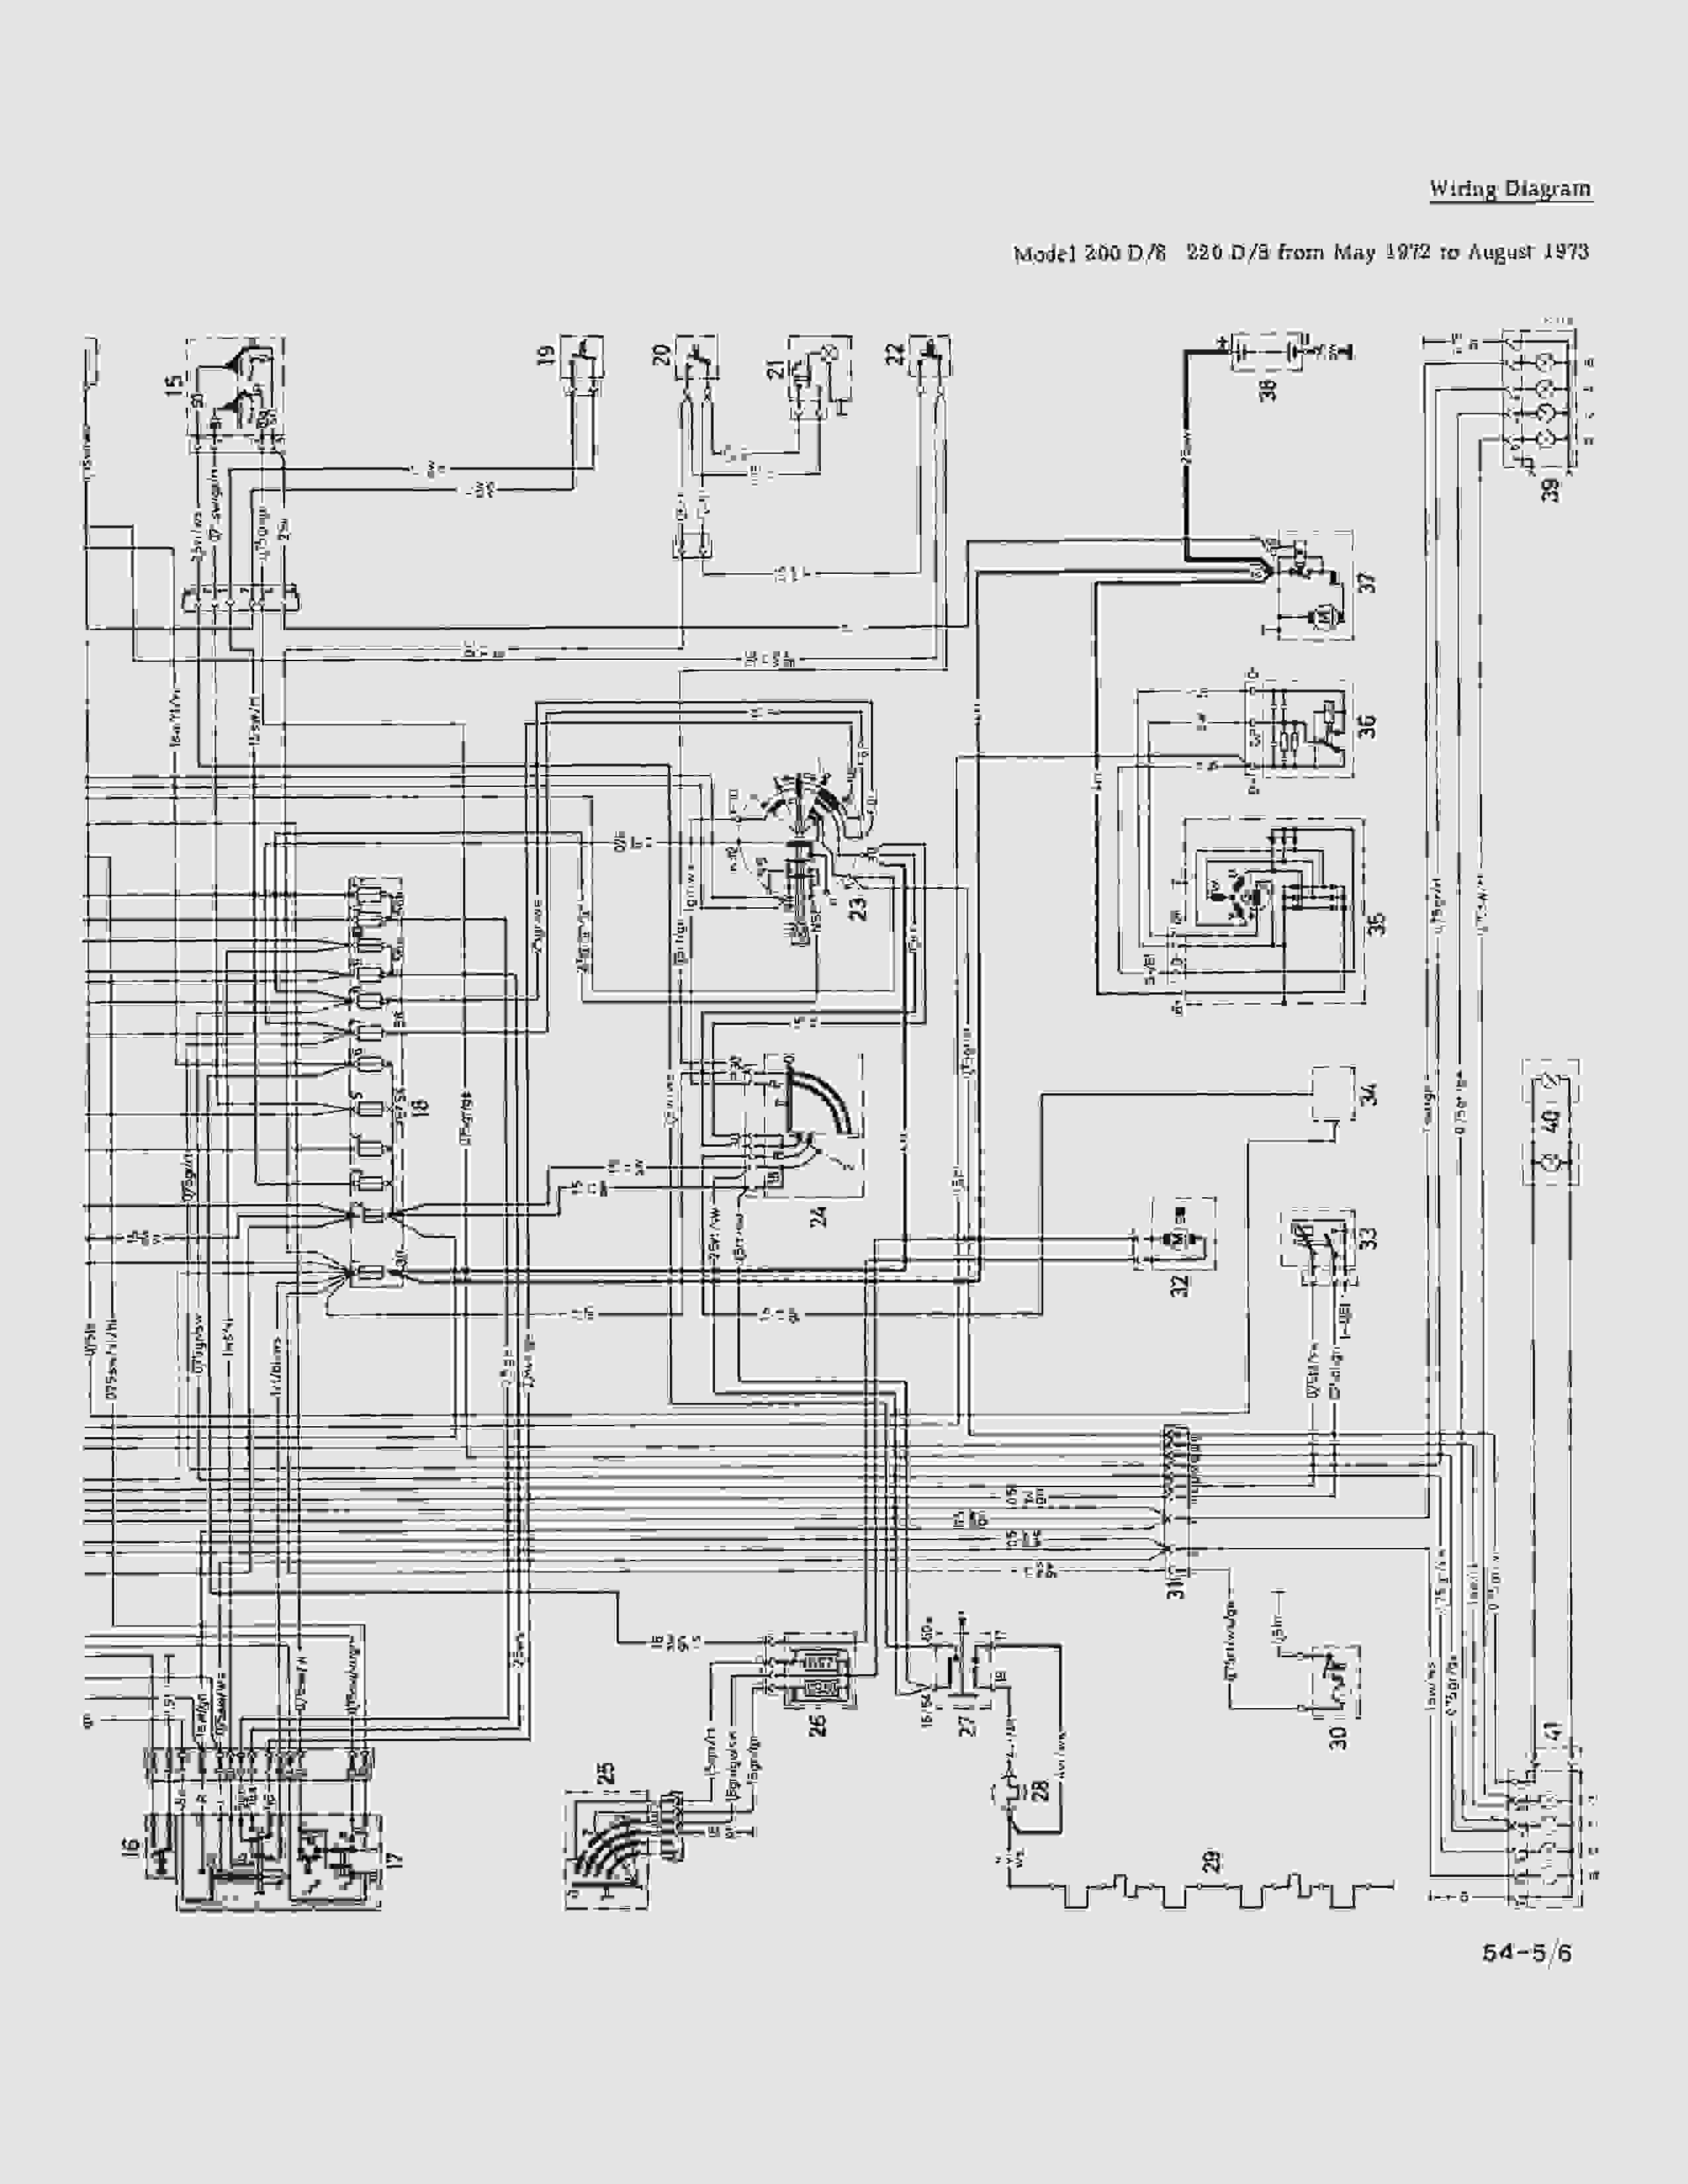 W115 220D электрическая схема (последняя серия). Nndudd13